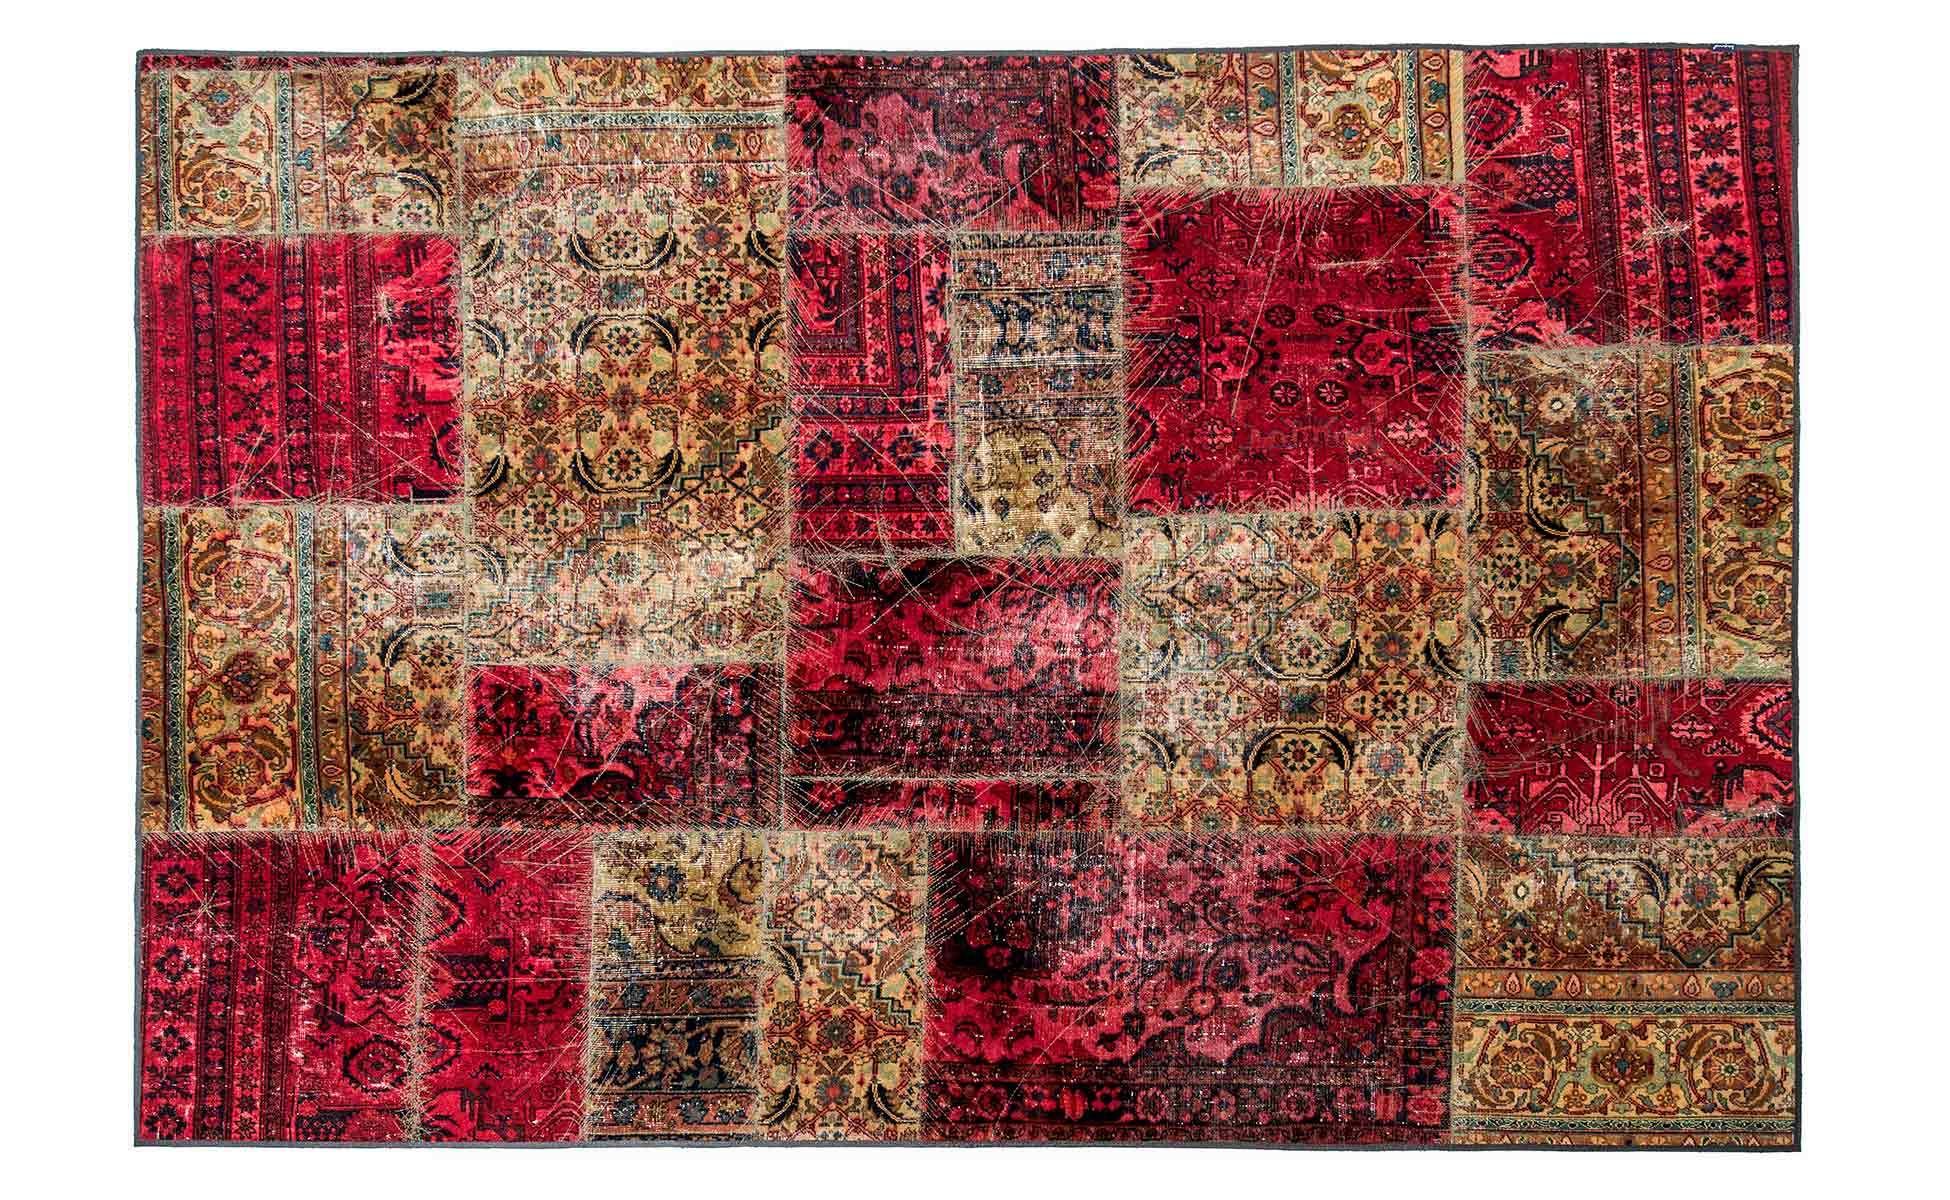 Innenarchitektur Teppich Berlin Galerie Von Kymo Mashup Bei Steidten+